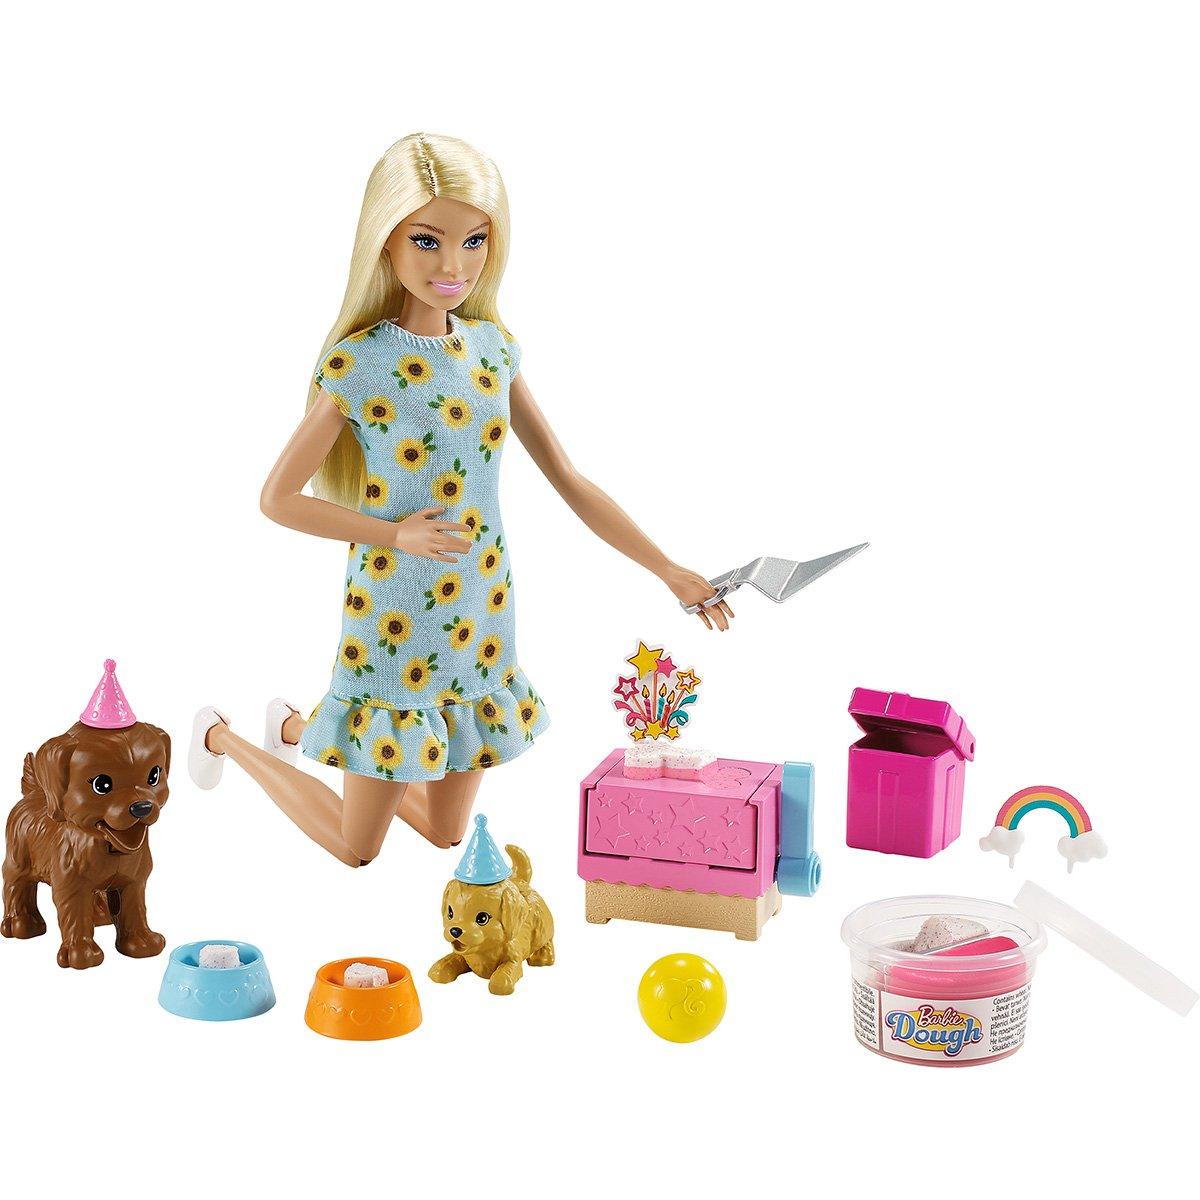 Set Papusa Barbie Family, Petrecerea catelusilor GXV74